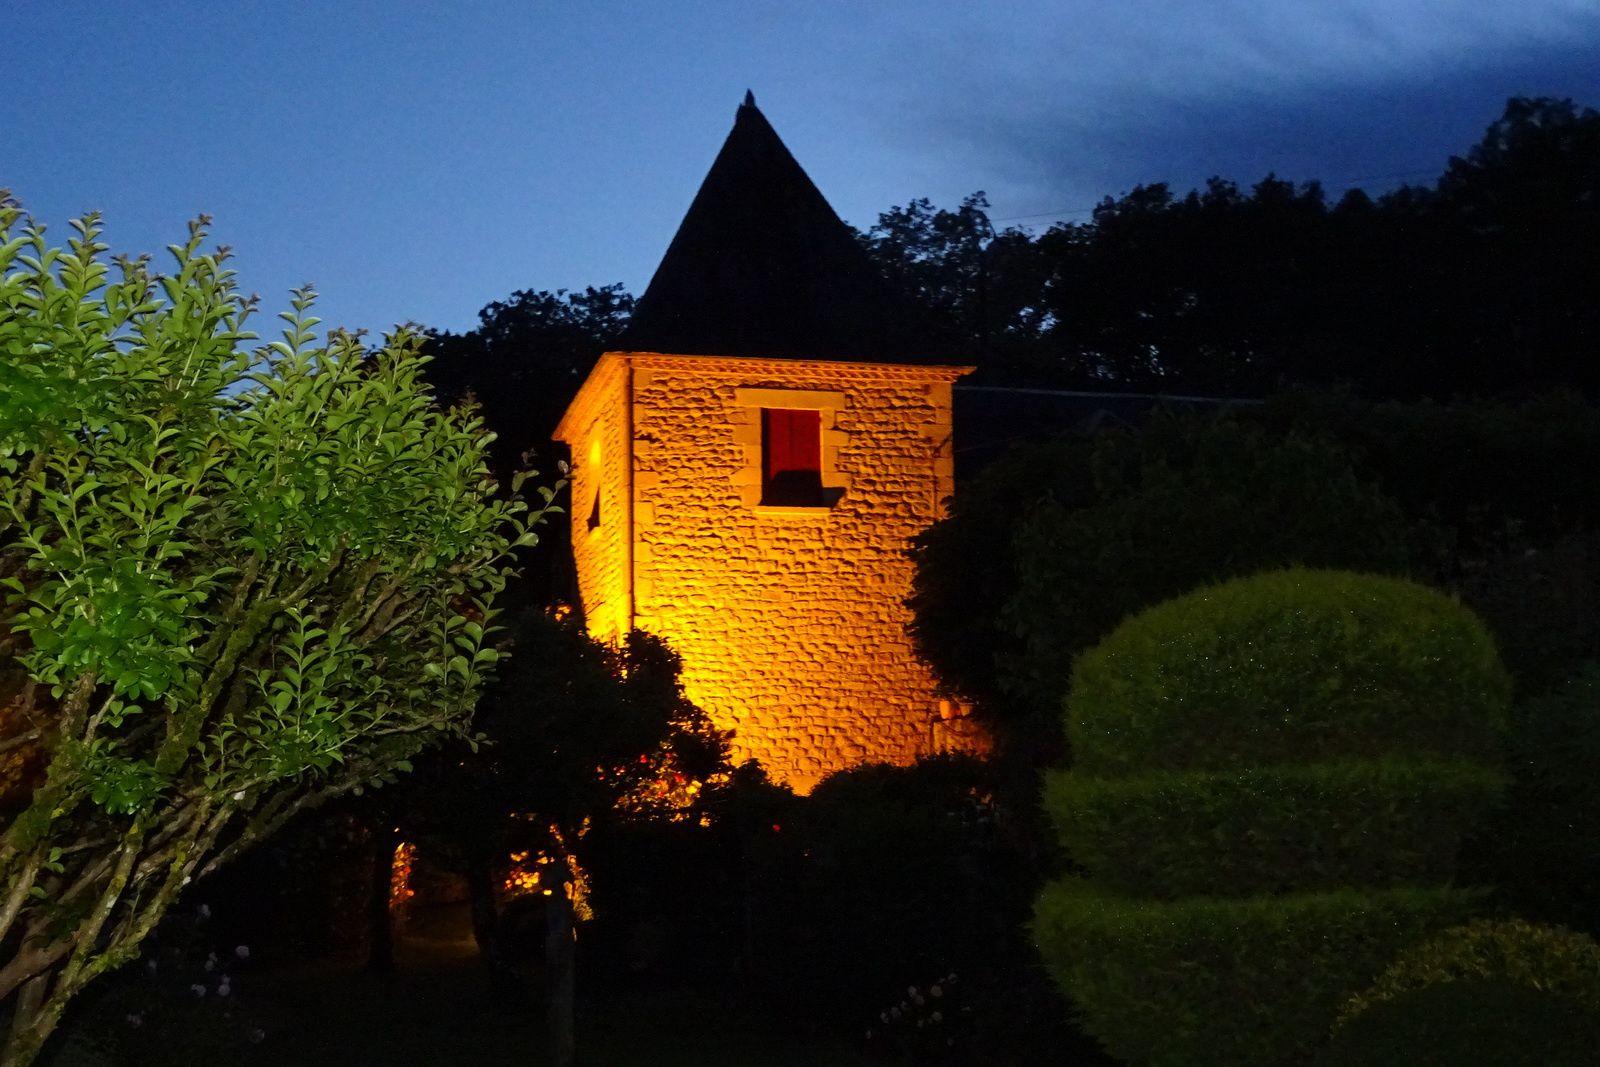 Première étape Rocamadour-La Roque Gageac, terminée. Bonne nuit.